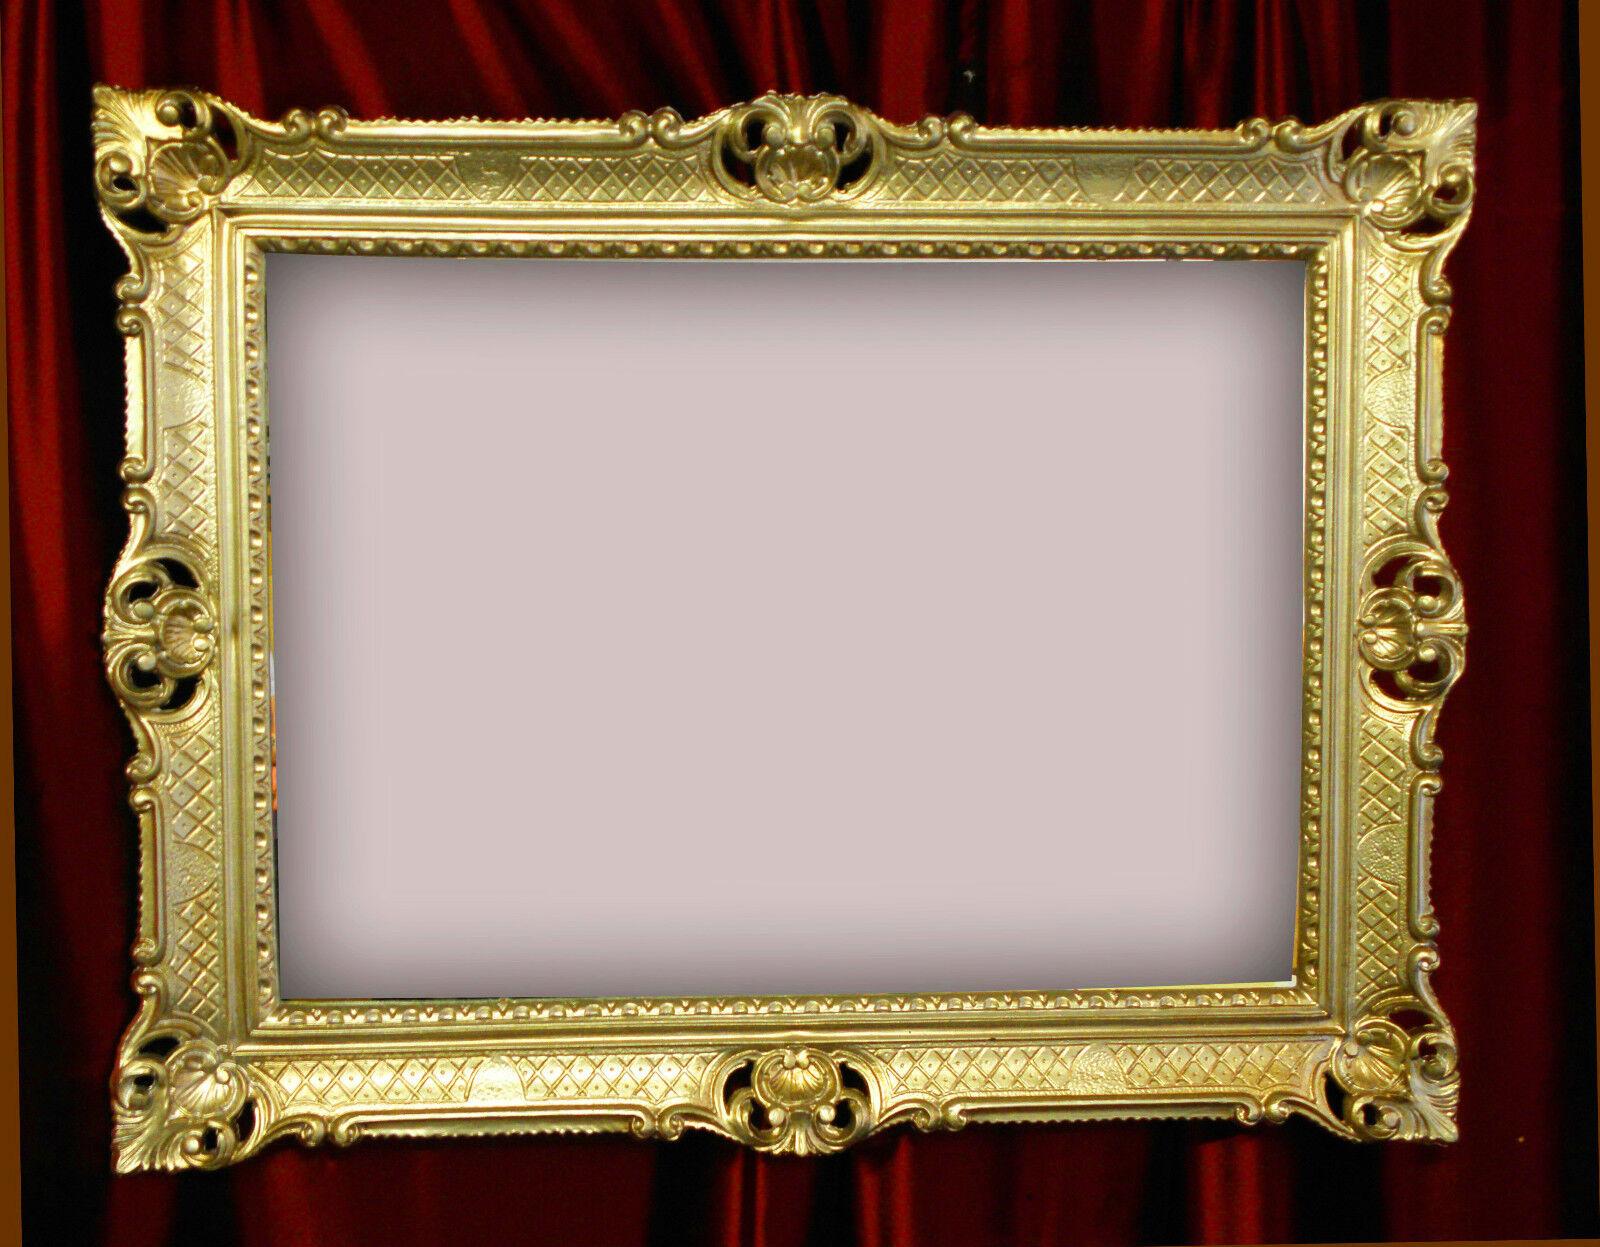 BILDERRAHMEN 90X70 GOLD ANTIK BAROCK RAHMEN ROKOKO FOTORAHMEN ...